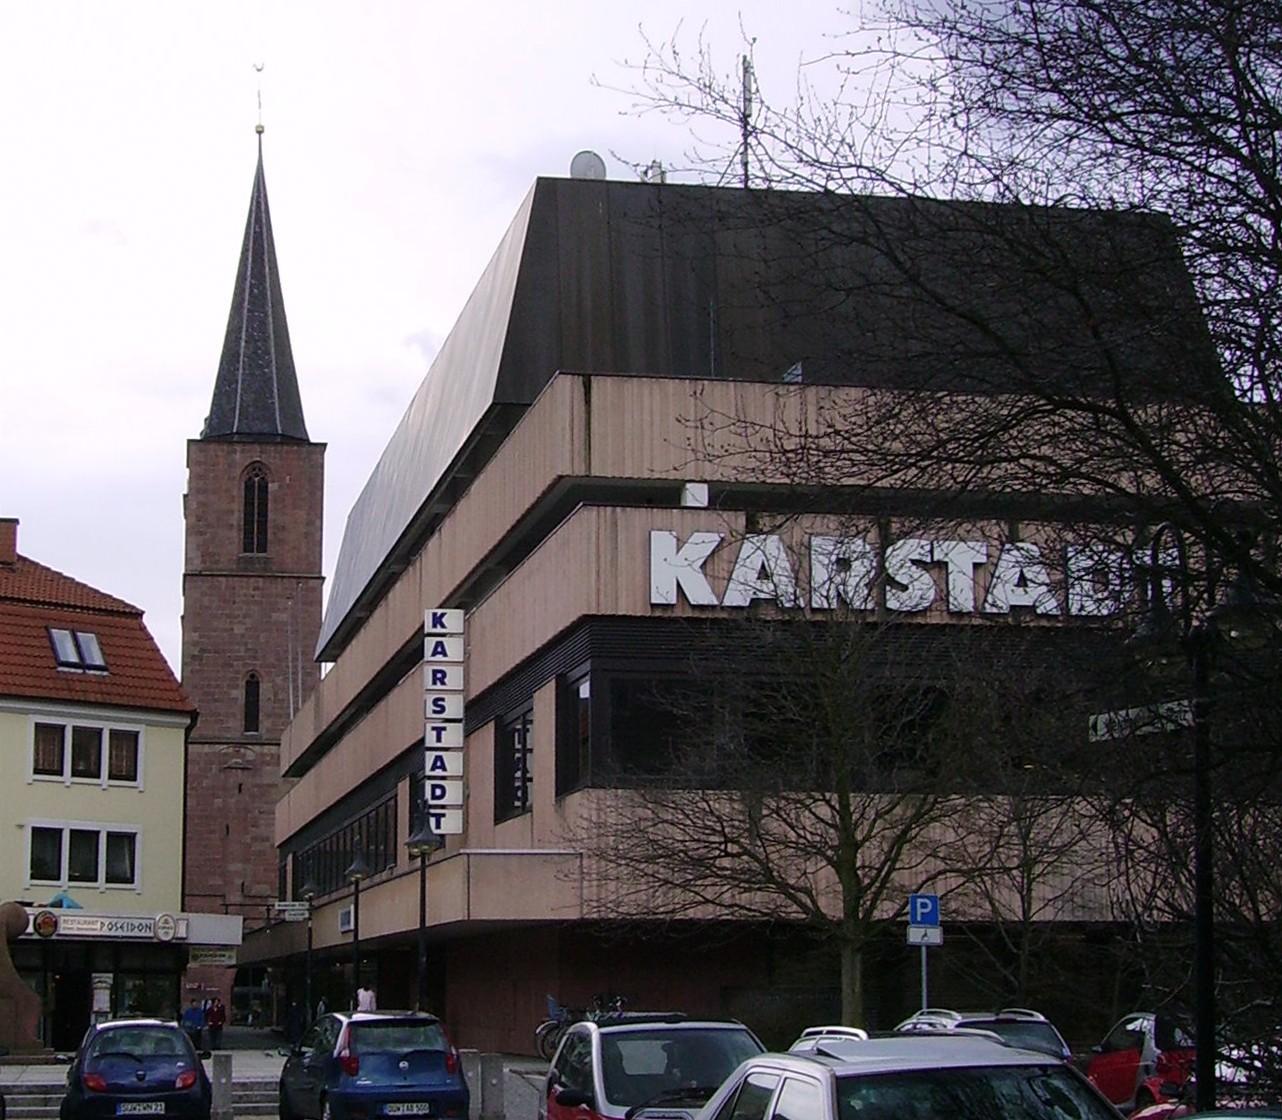 File Karstadt Neustadt Wikimedia Commons